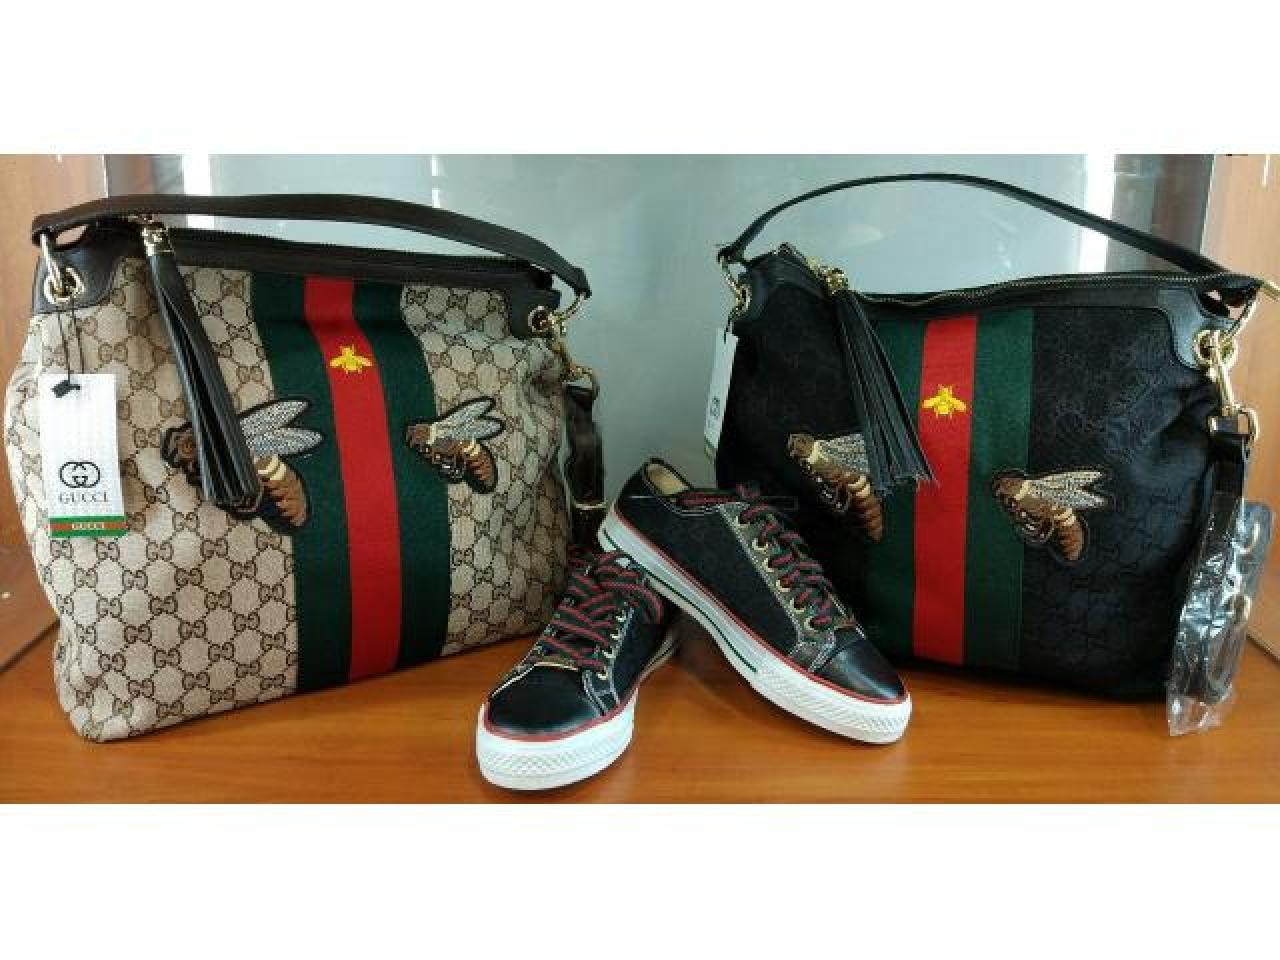 Обувь и сумочки копии знаменитых брендов - 7